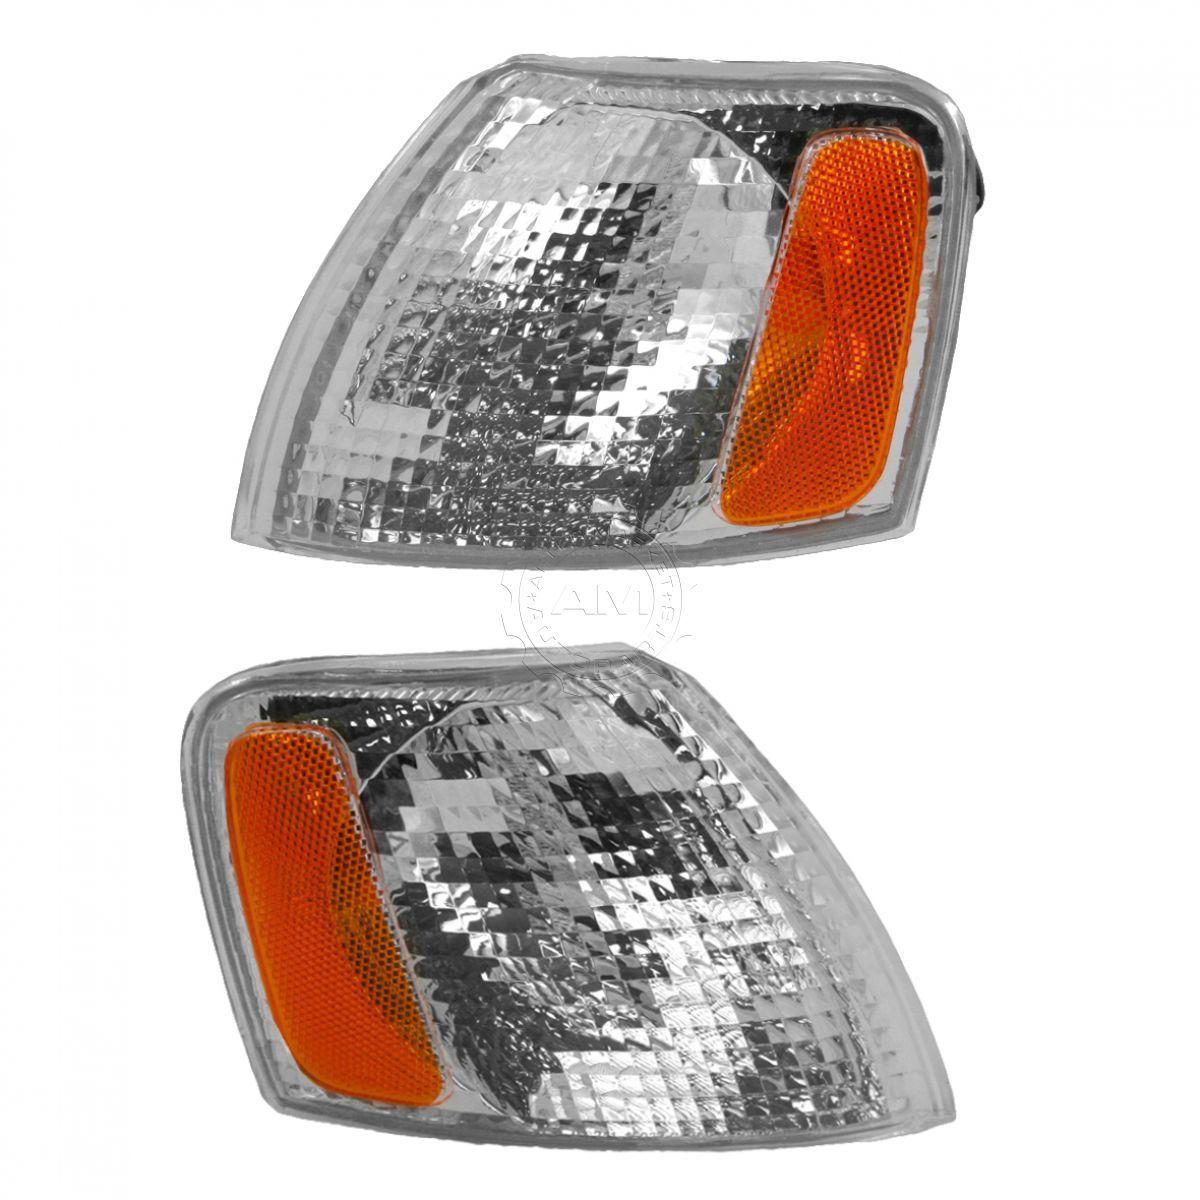 コーナーライト Corner Parking Turn Signal Light Lamp Left & Right Pair Set for 98-01 Passat コーナーパーキングターンシグナルライトランプ左& 右ペアは98 - 01パサートにセット